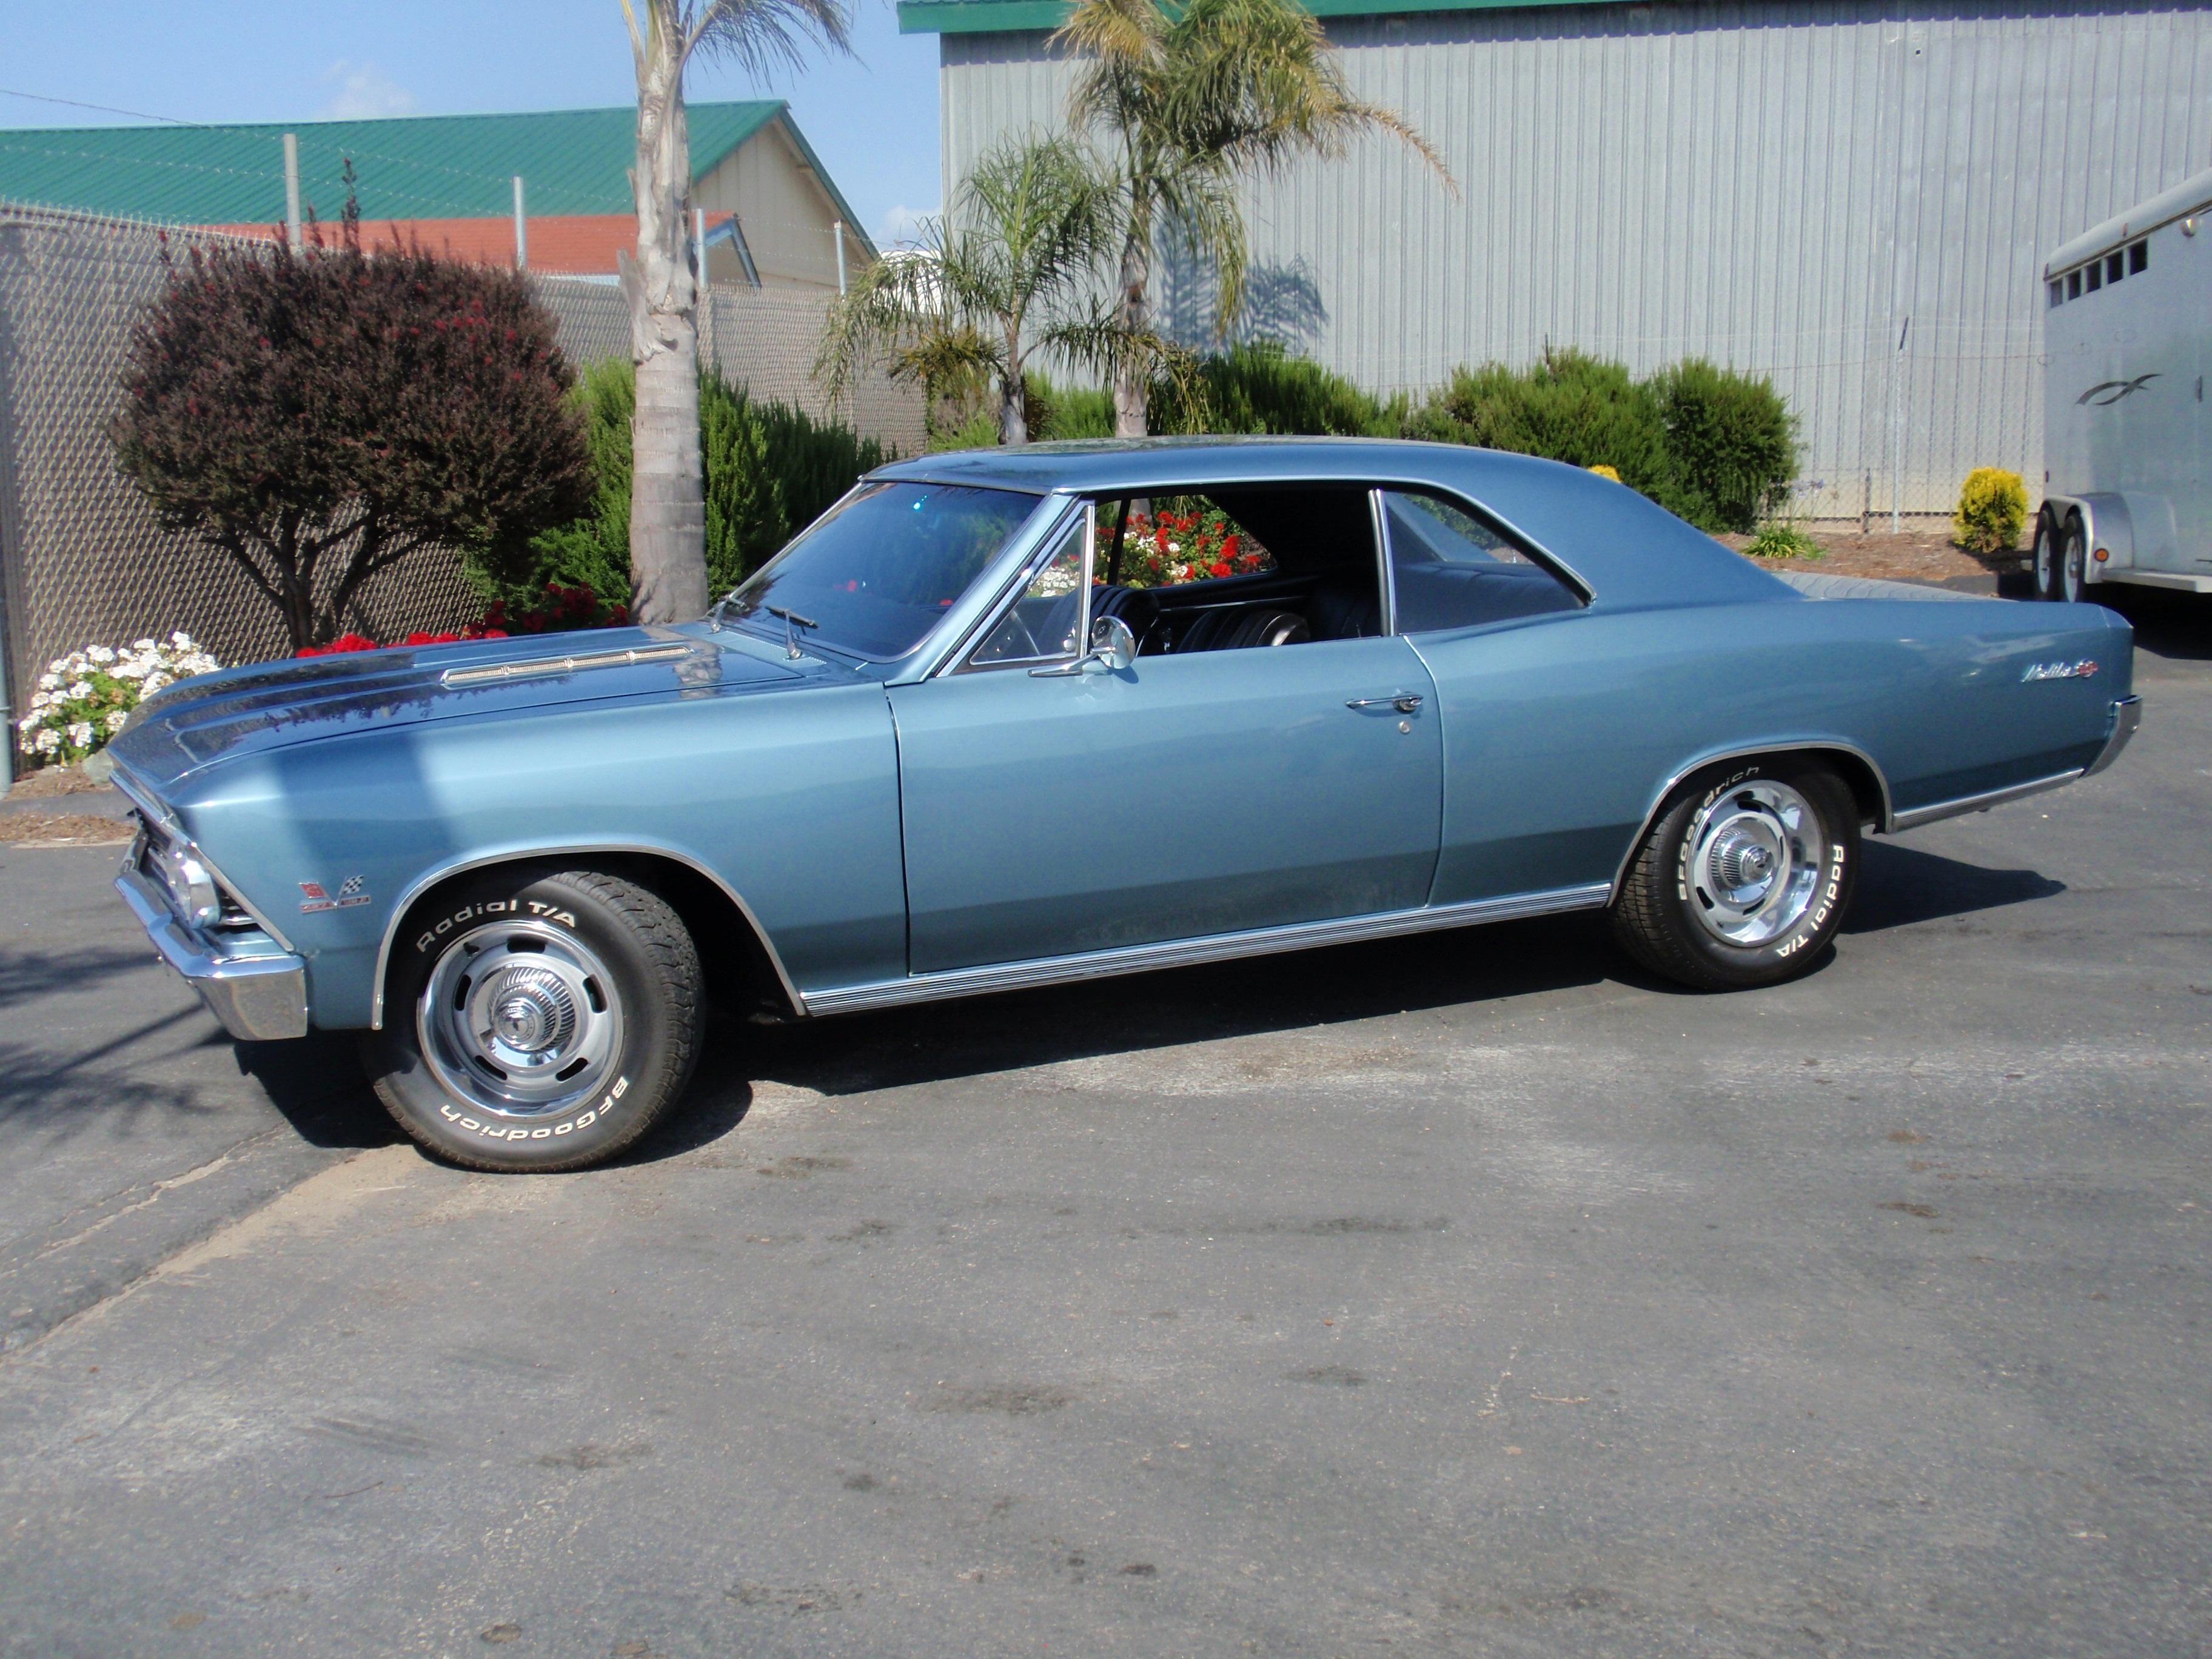 1966 Chevrolet Malibu SS 427